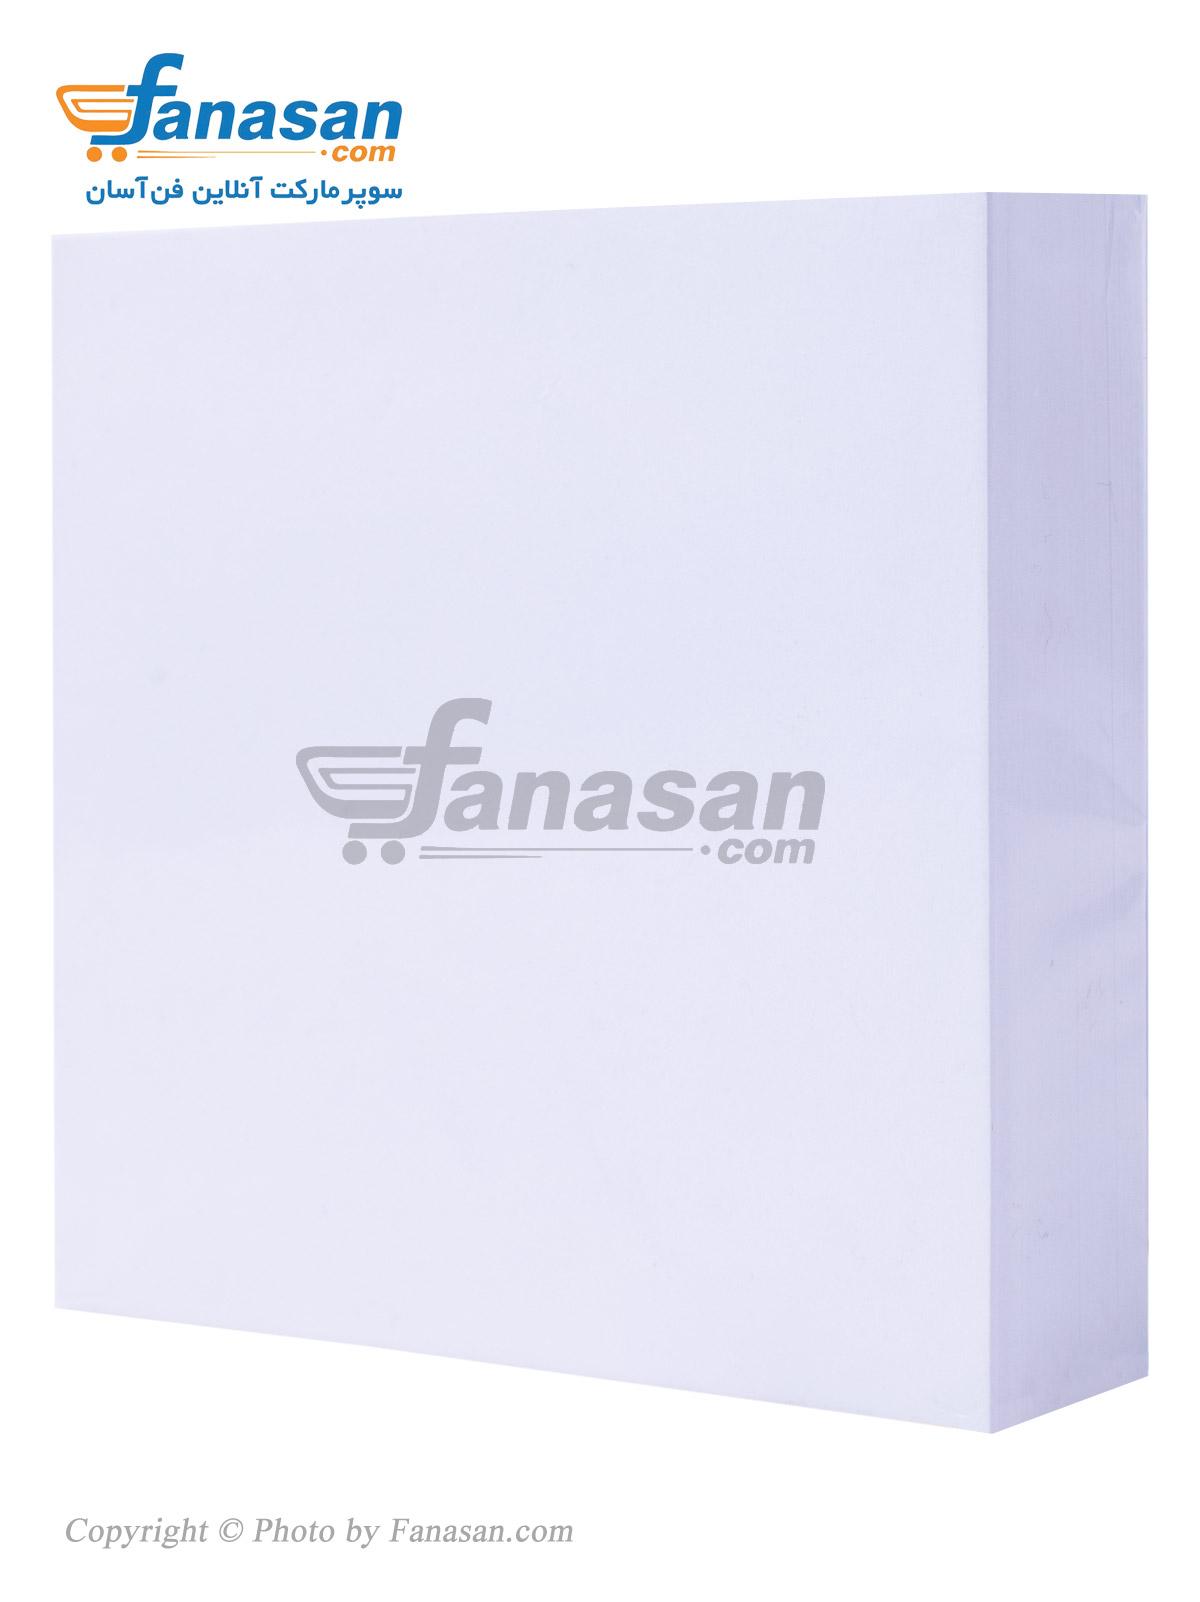 کاغذ یادداشت سفید 10*10 سانتی متر